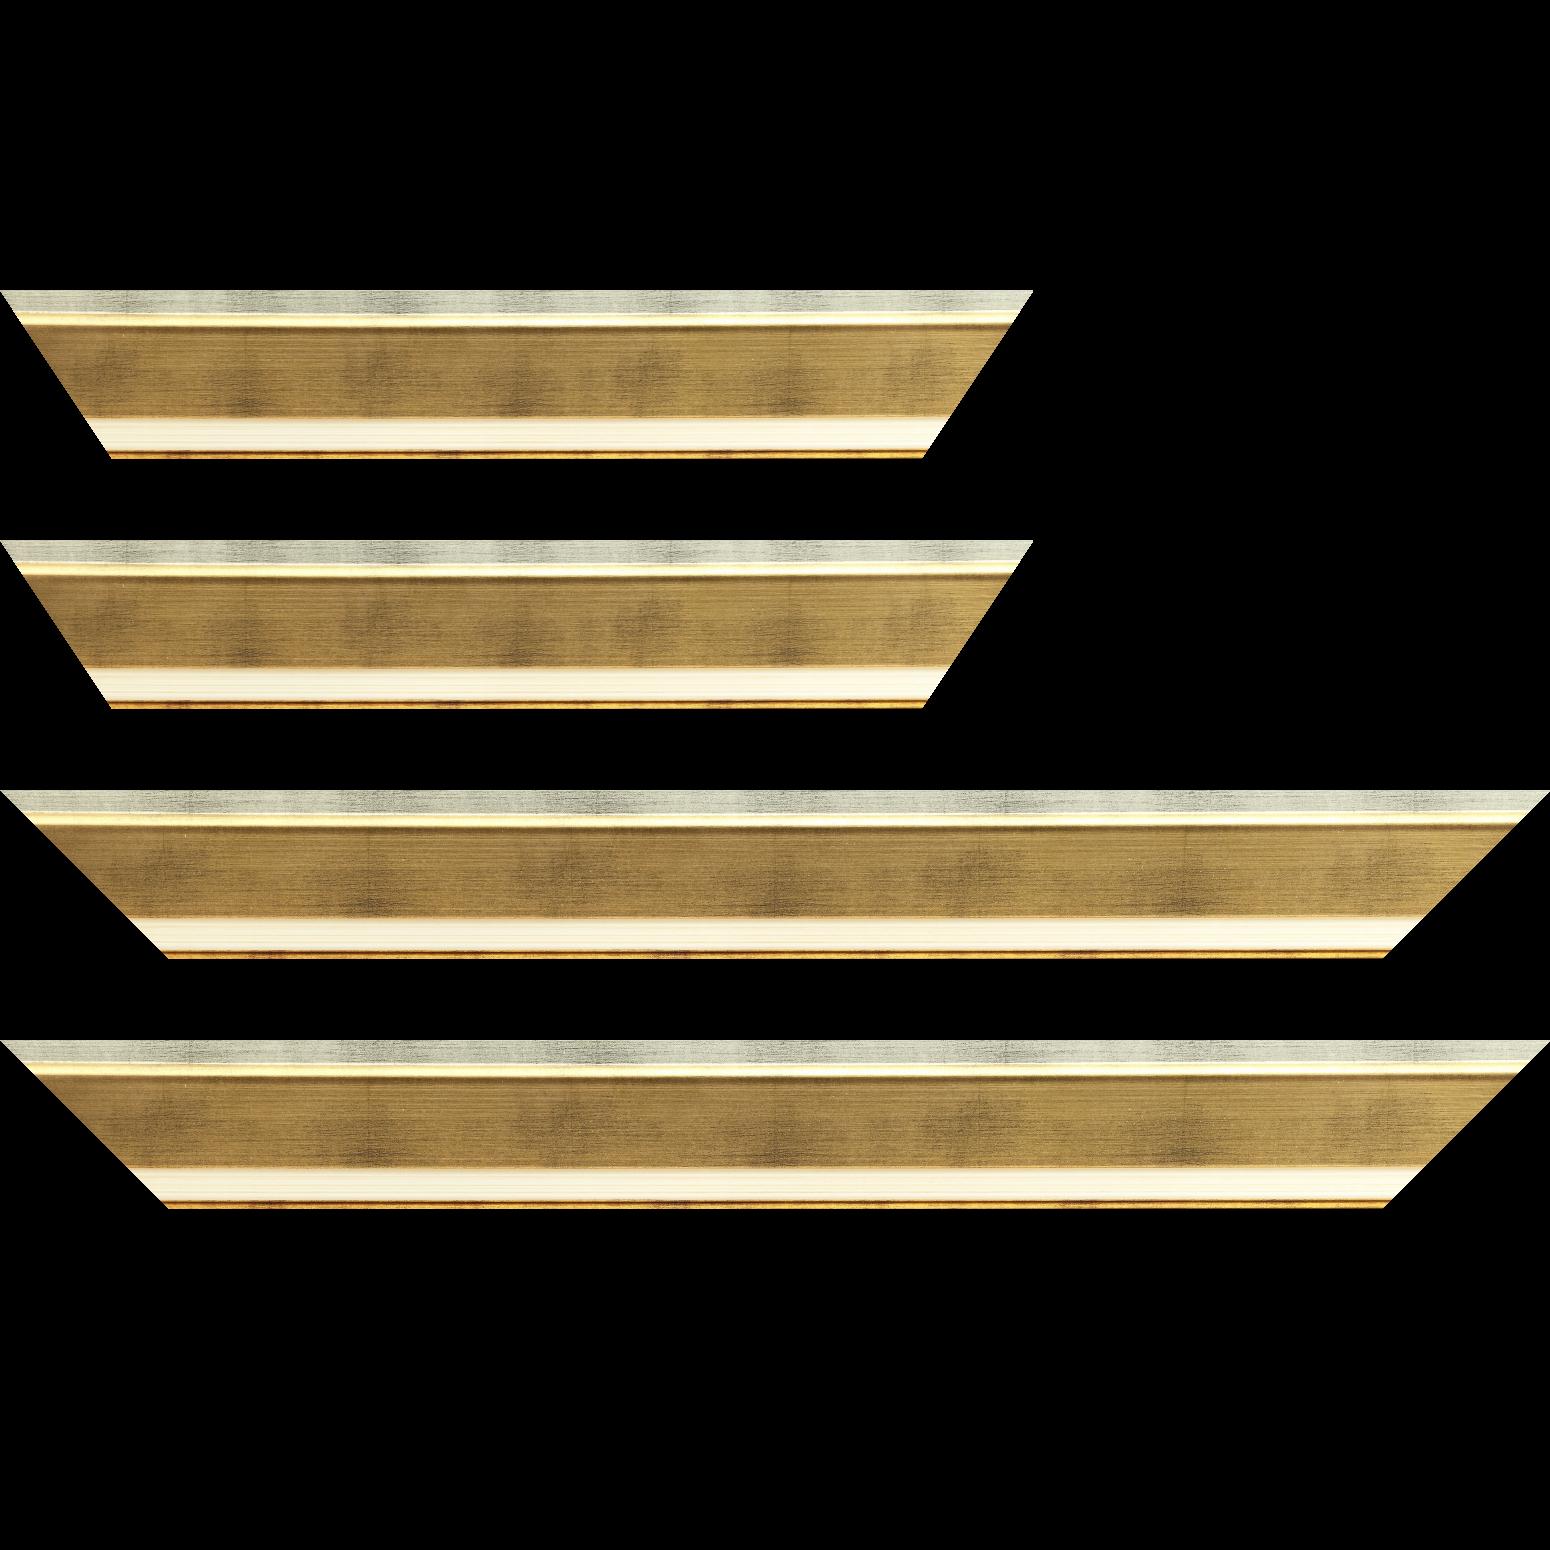 Baguette service précoupé bois profil incliné largeur 5.4cm or bord extérieur argent marie louise crème filet argent intégrée